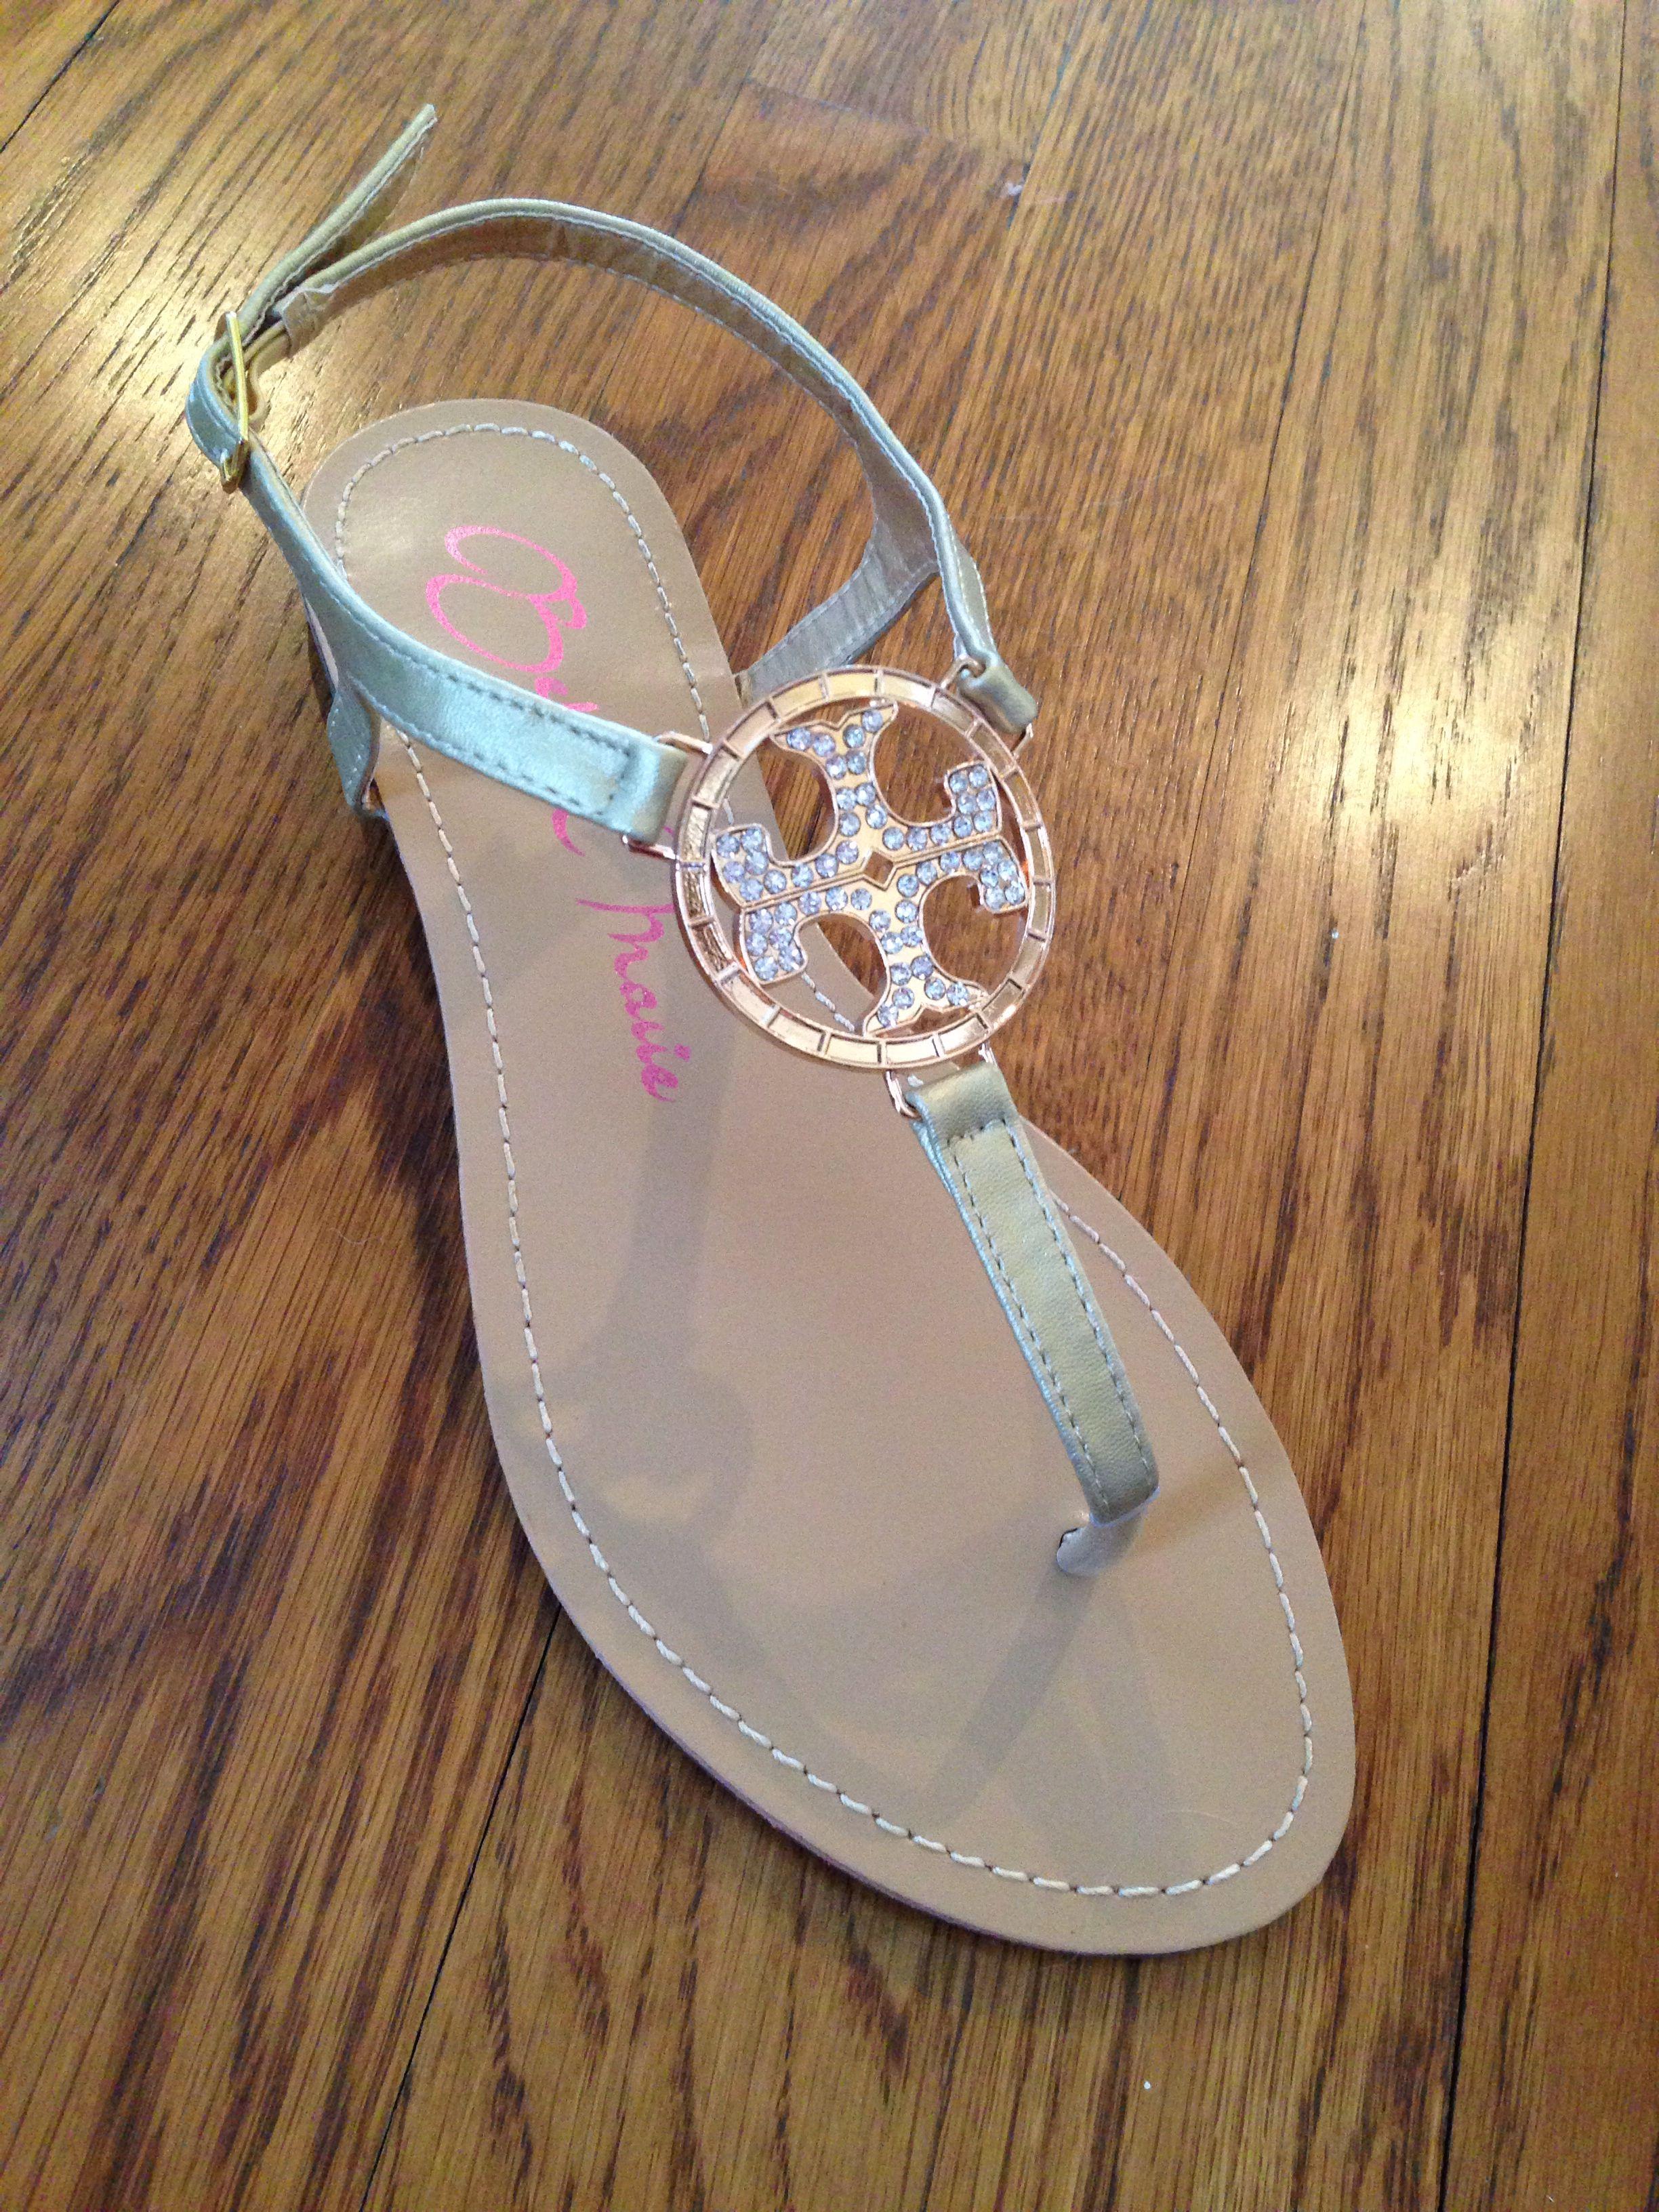 402e226fa8a4a Tory Burch inspired sandals  30 Facebook.com carolinacoutureboutique ...